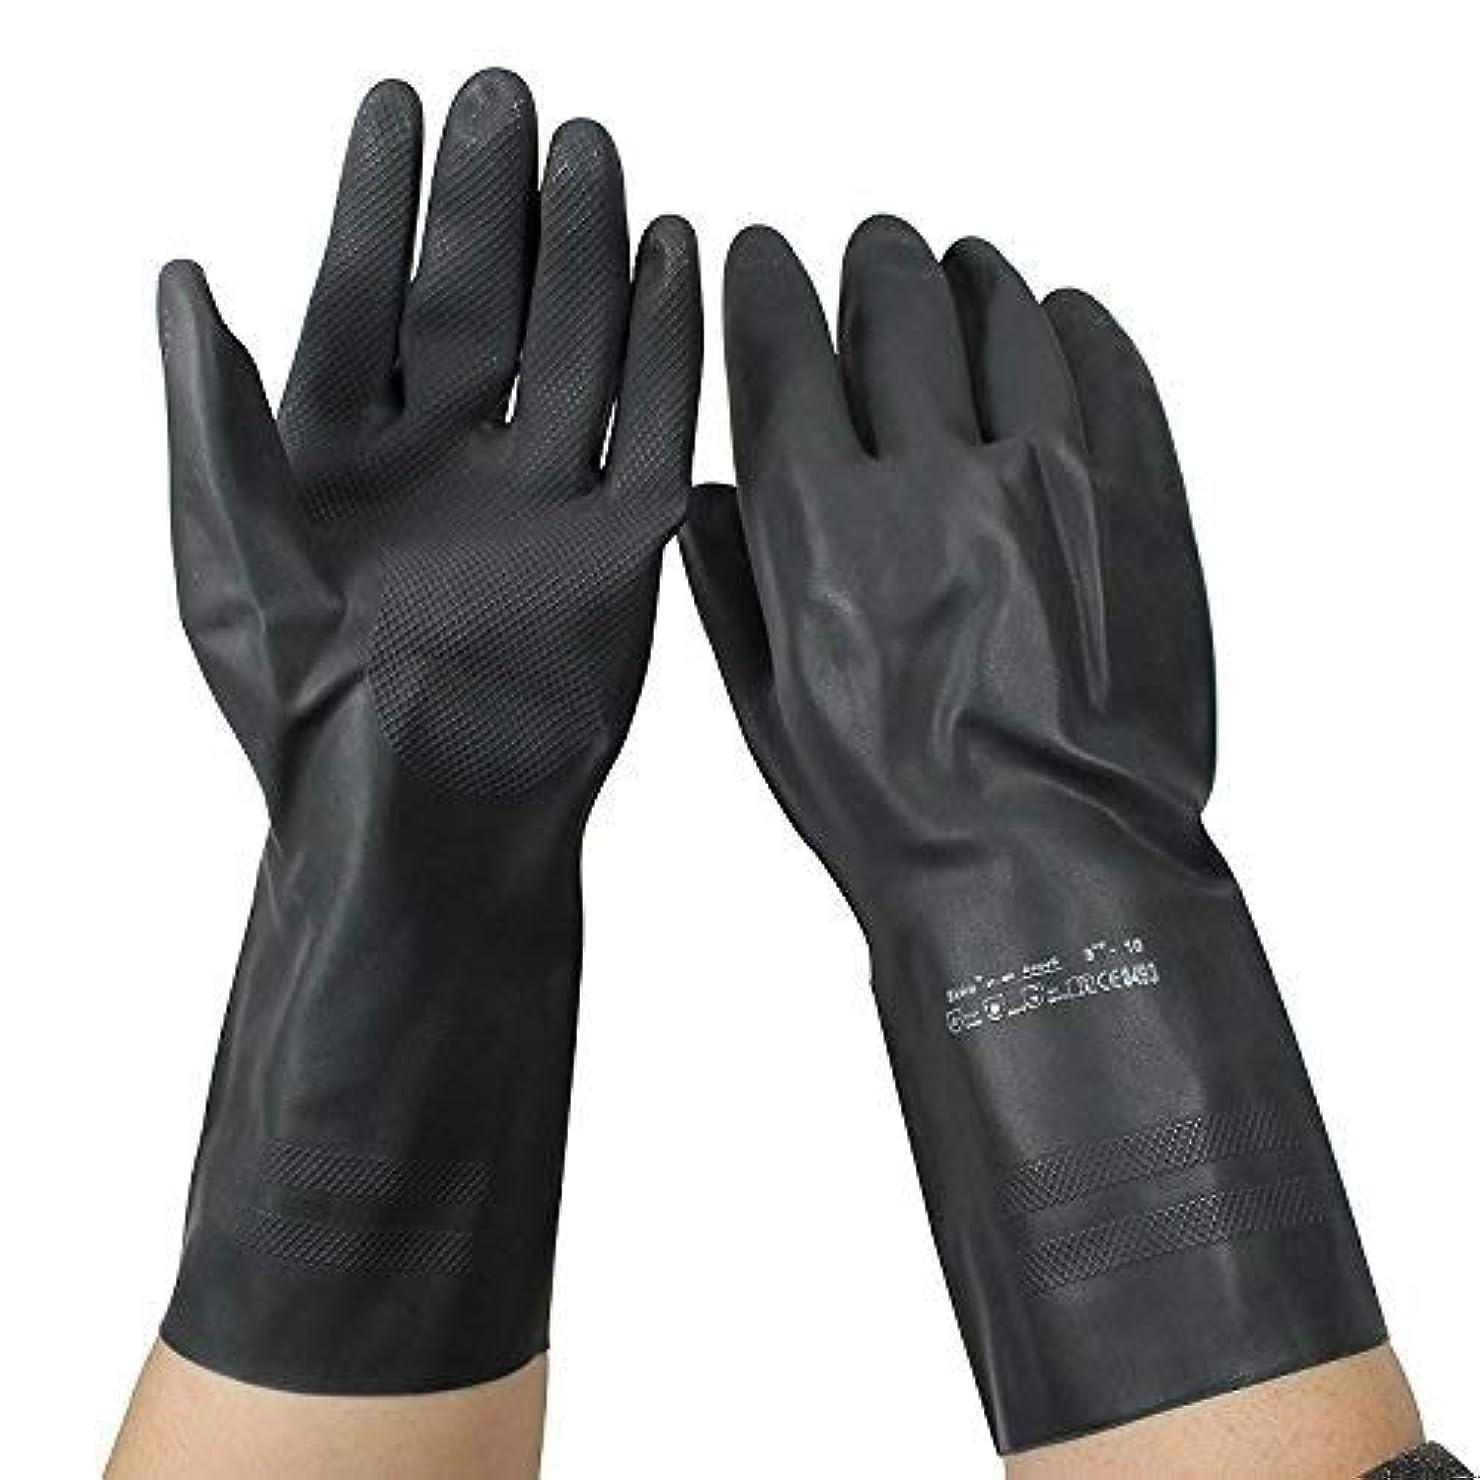 大人アトミック寝具XWYST ゴム手袋/溶接断熱労働保護手袋